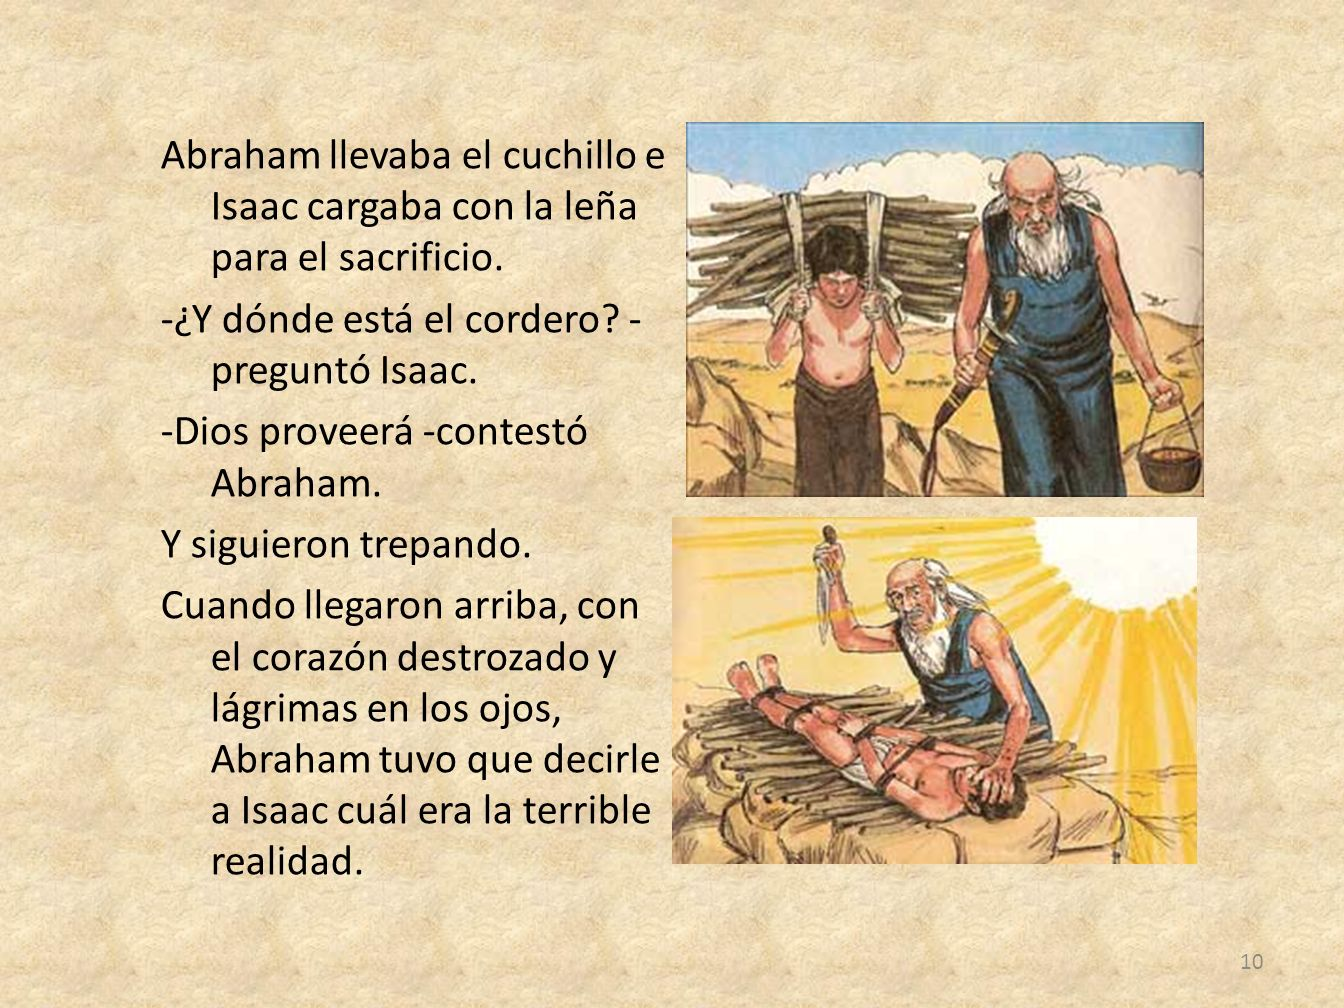 Abraham llevaba el cuchillo e Isaac cargaba con la leña para el sacrificio.